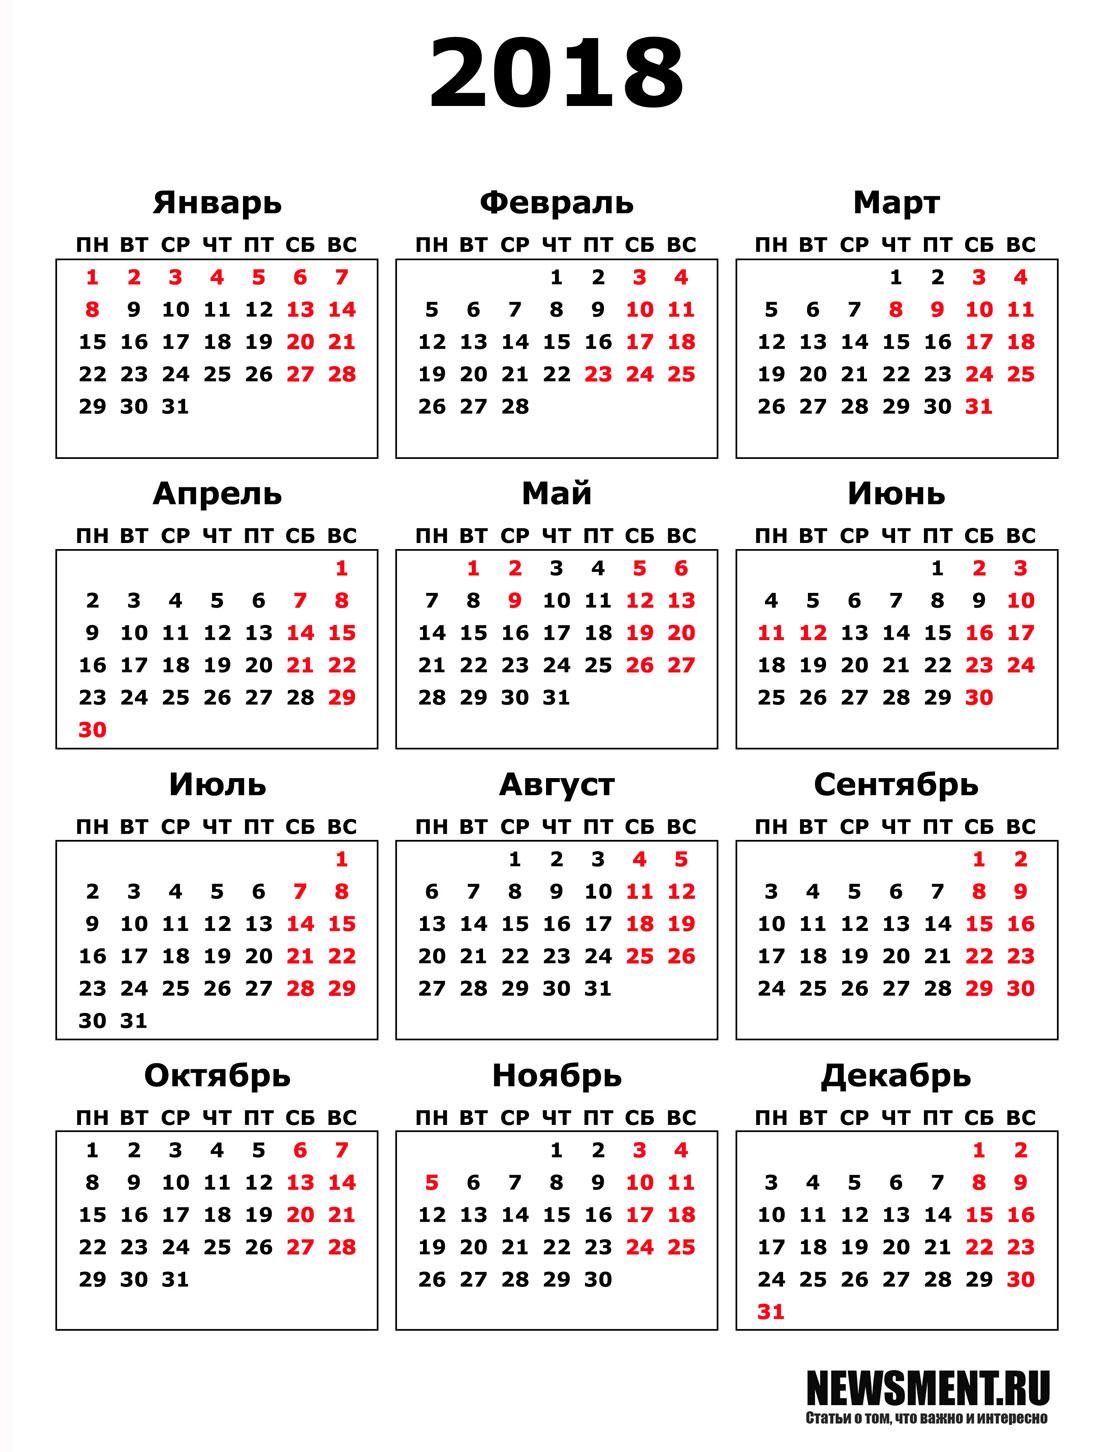 Мусульманские праздники в 2018 году: календарь